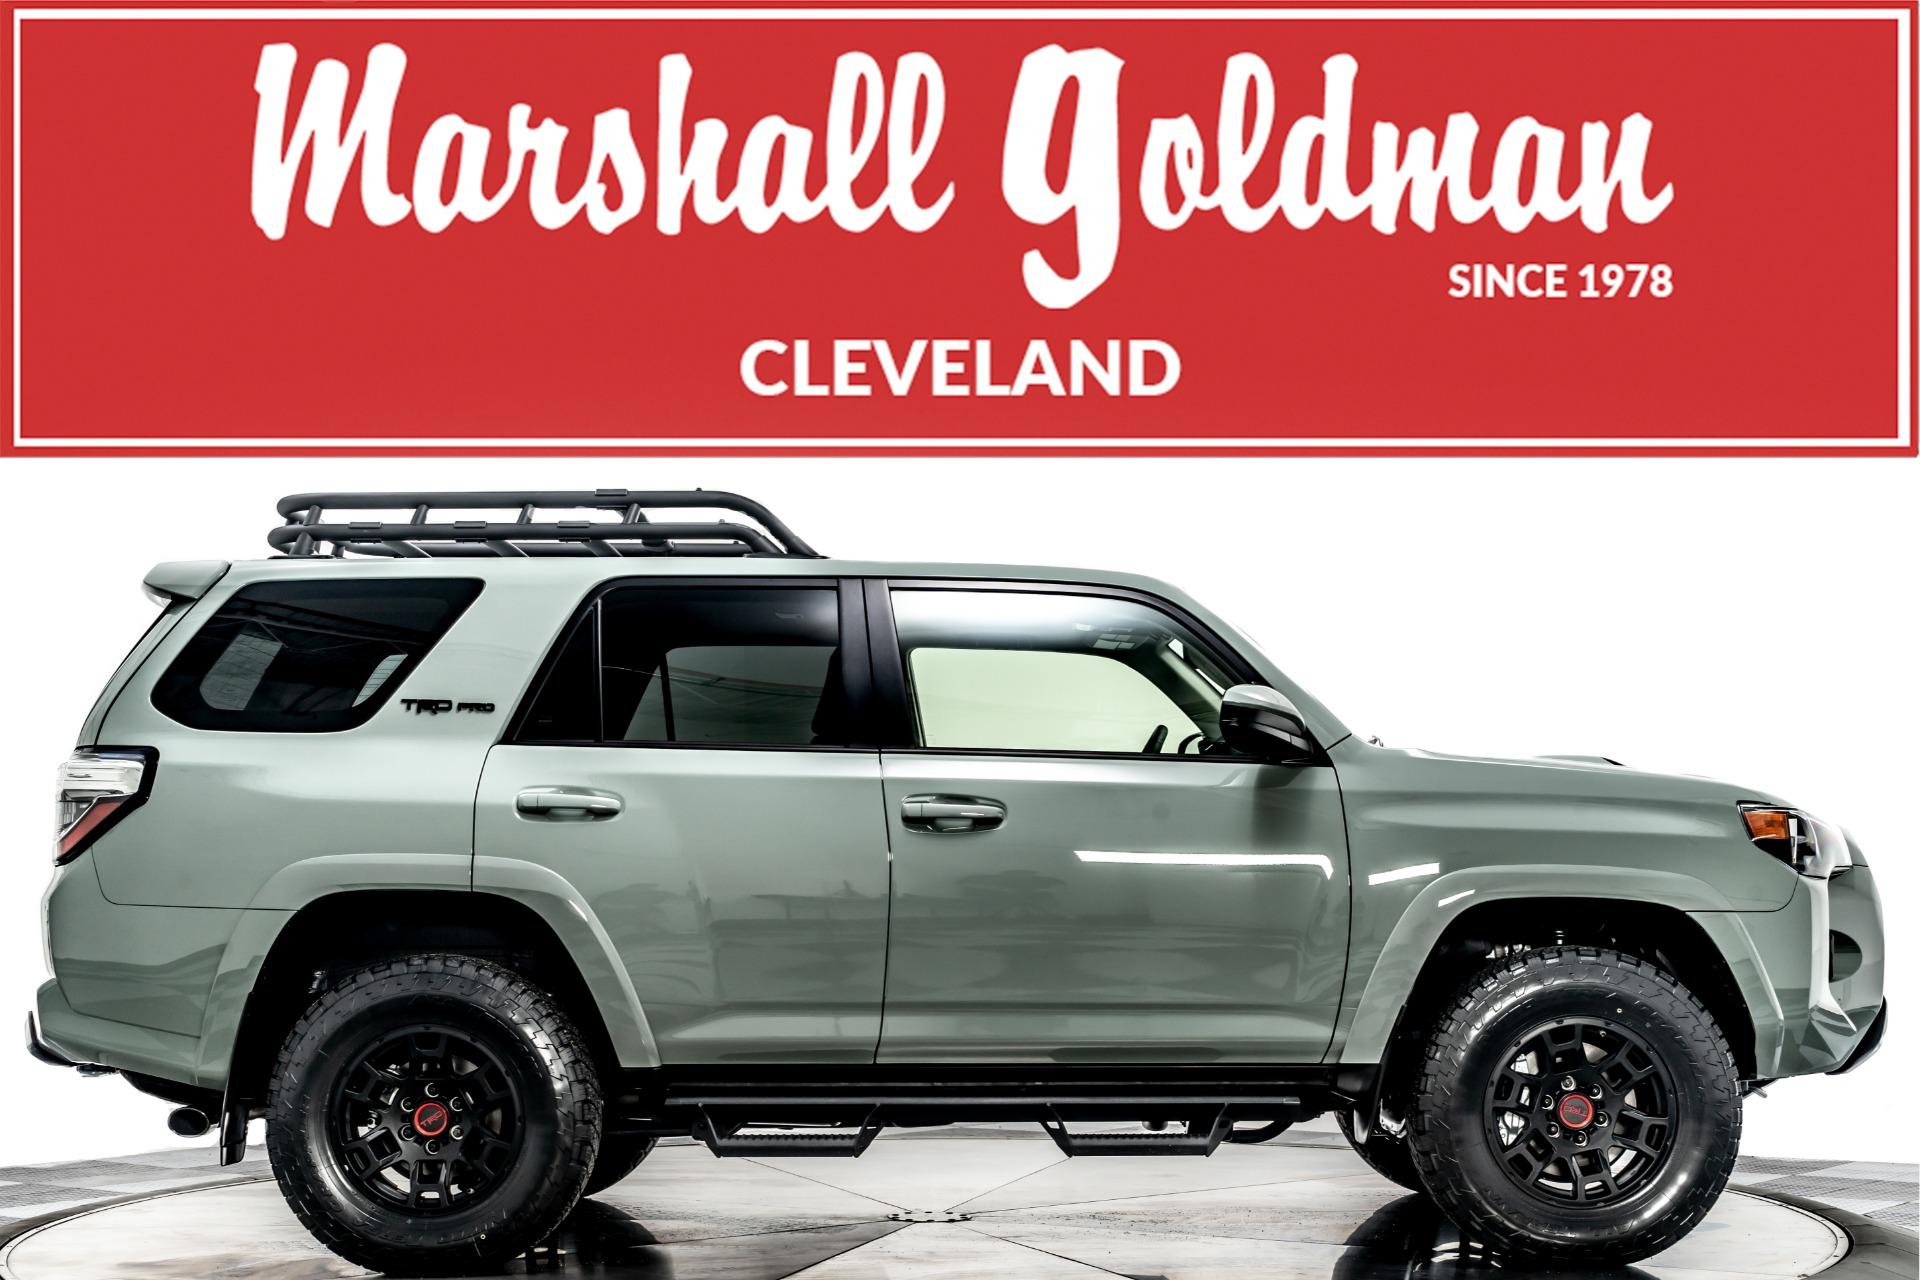 2019 toyota 4runner trd lifted sr5 premium package fully loaded. Used 2021 Toyota 4runner Trd Pro For Sale Sold Marshall Goldman Cleveland Stock Wtrdgr